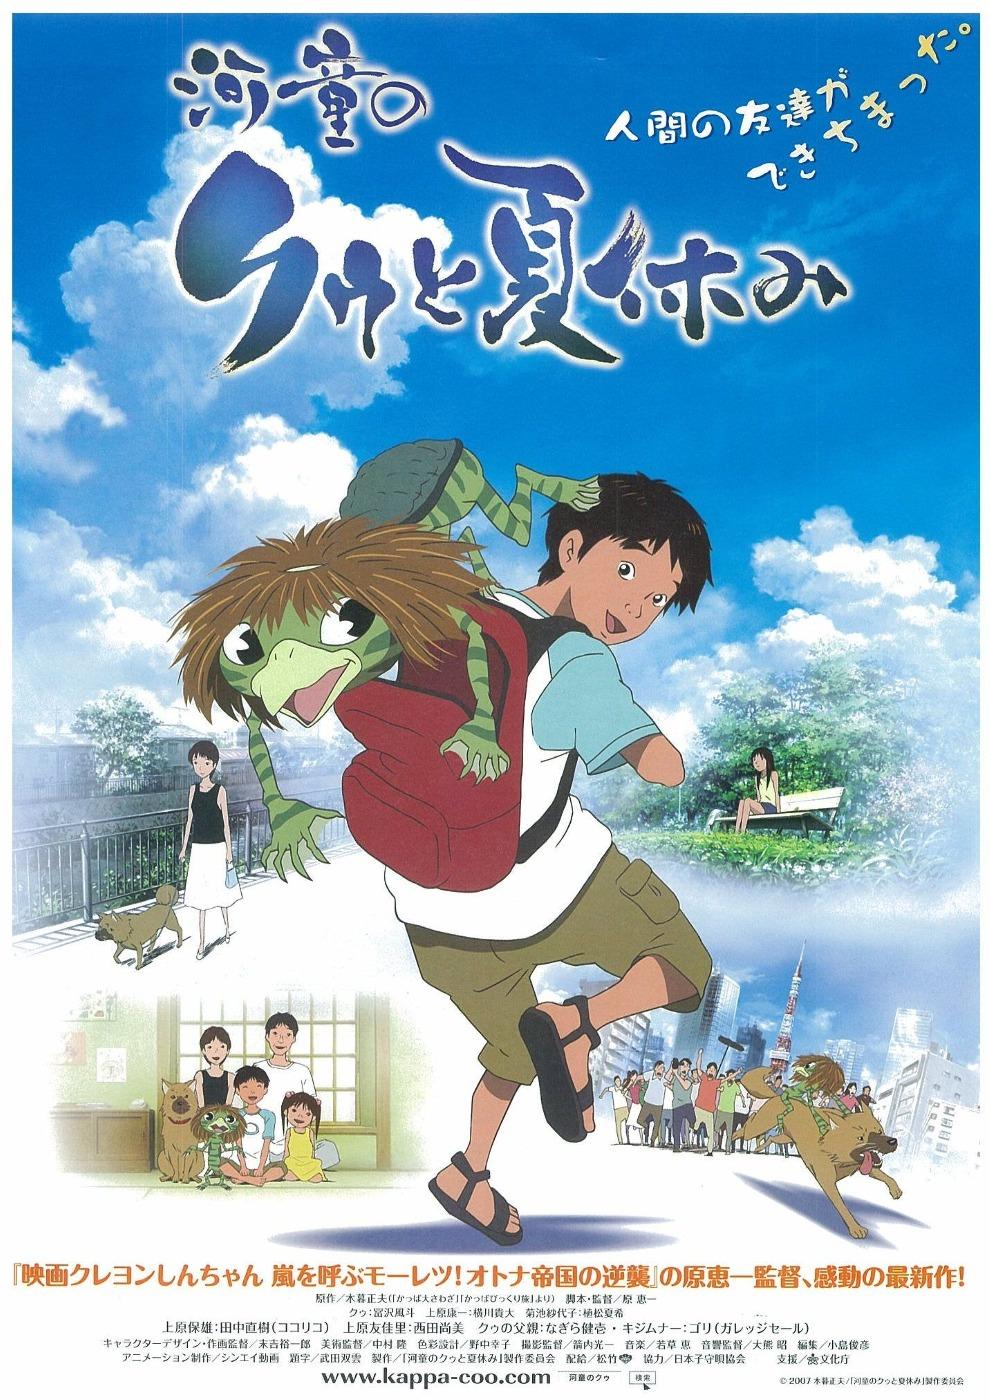 Волшебное лето - (Kappa no Coo to Natsuyasumi)